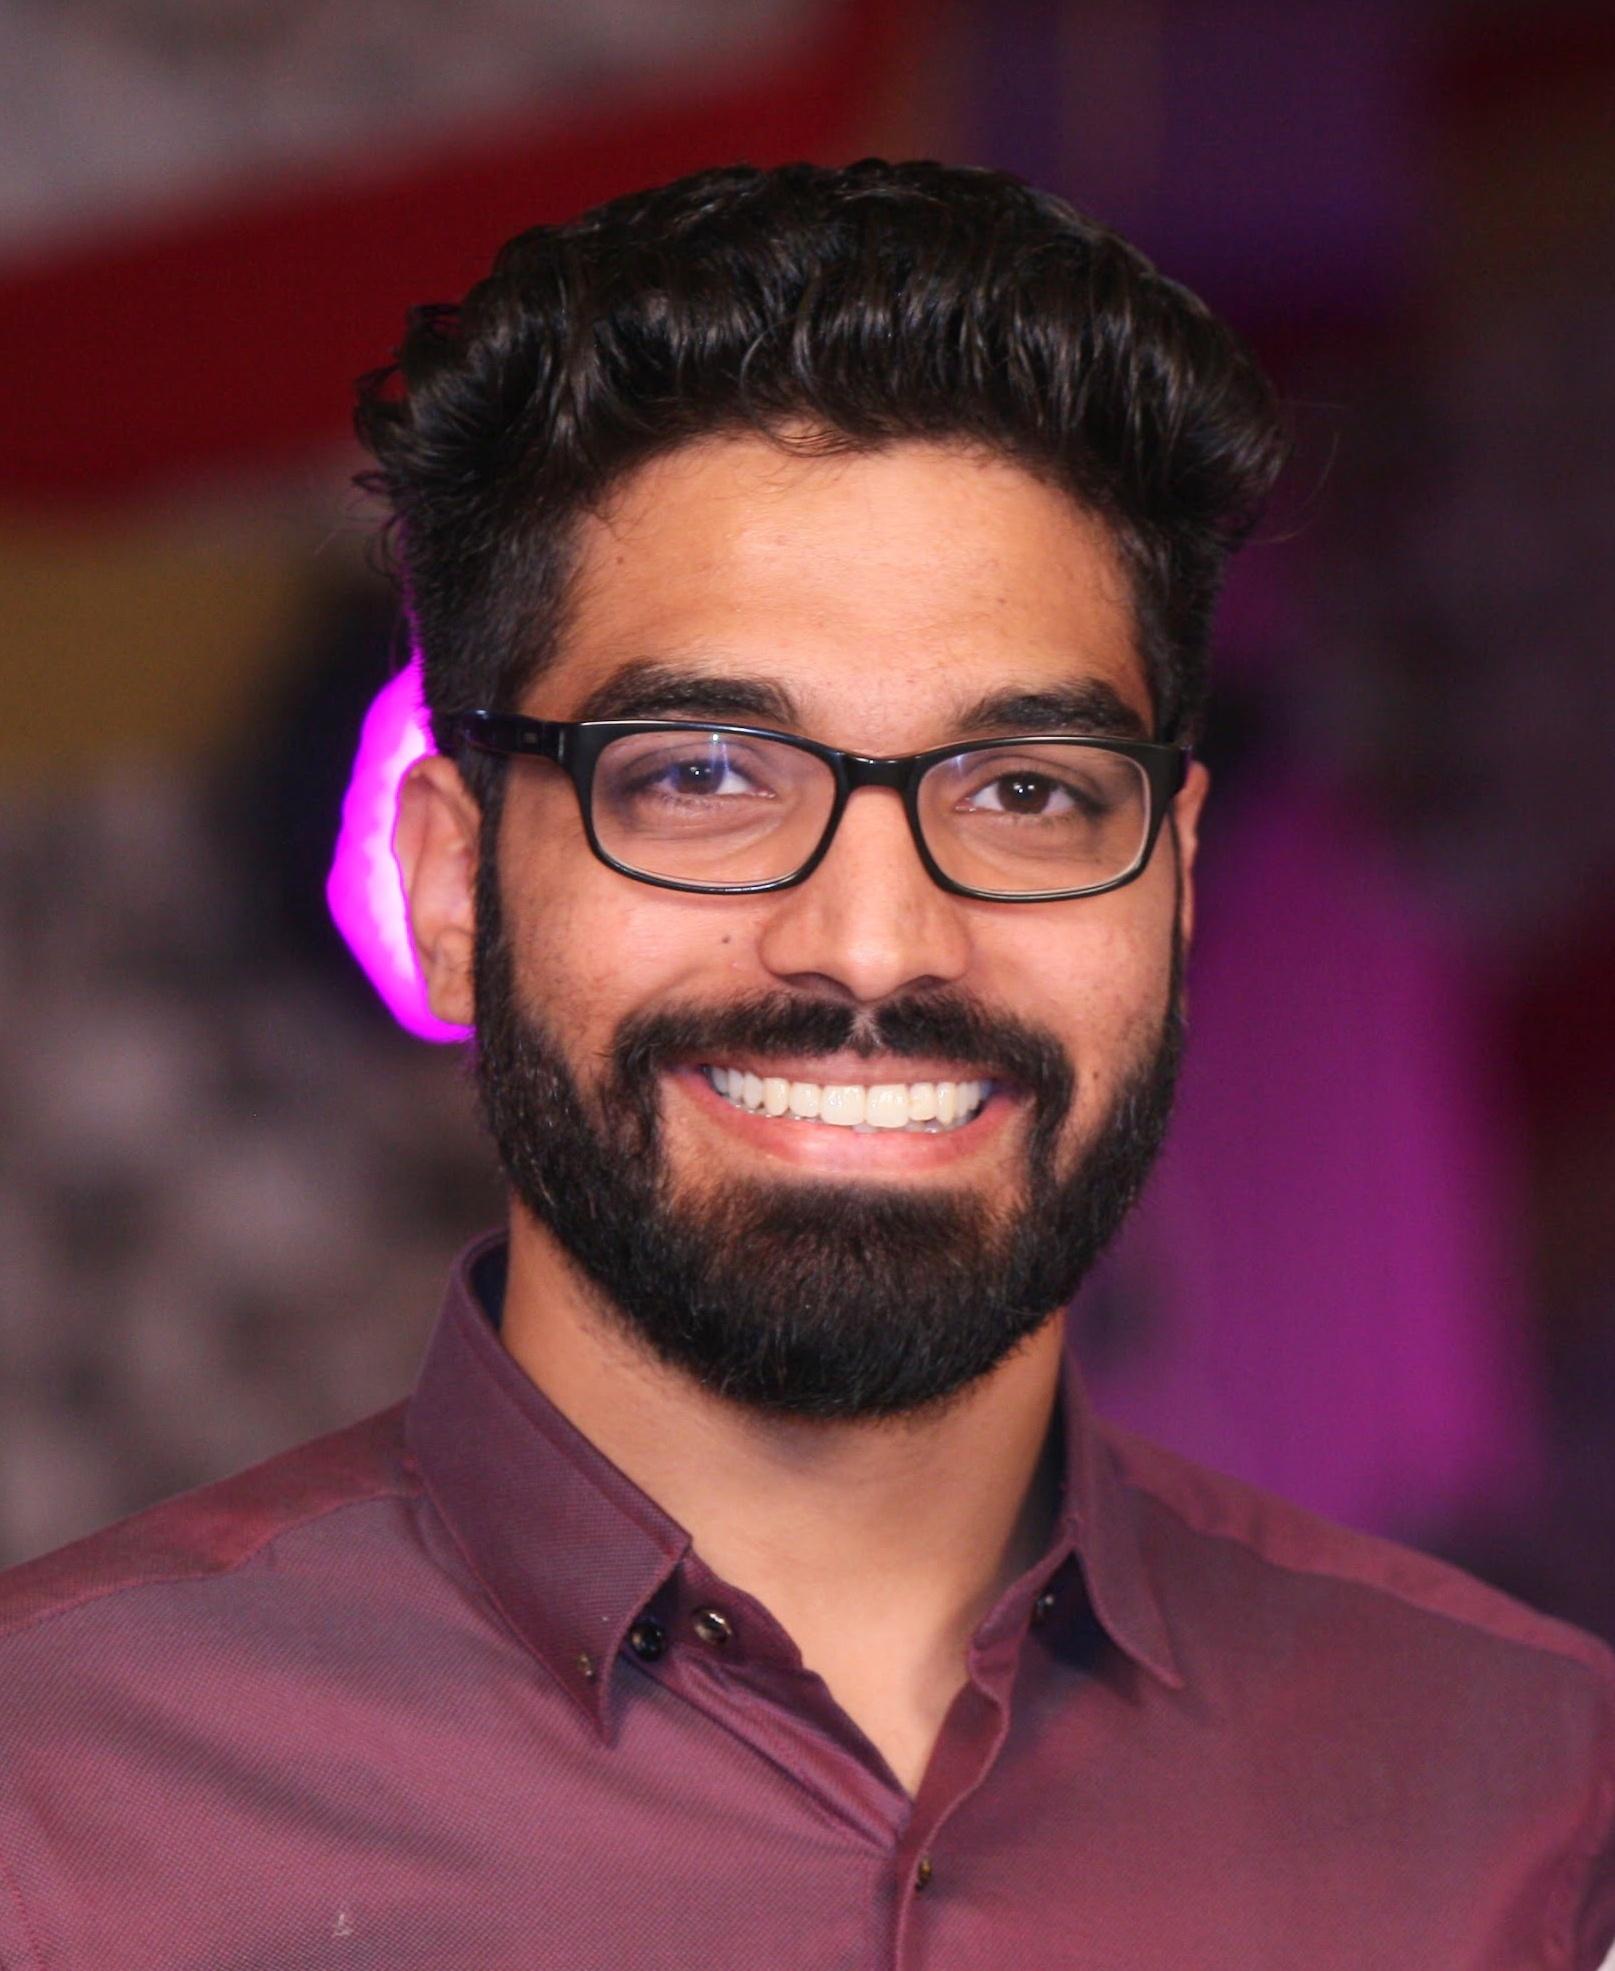 Bharatdeep Singh Maan